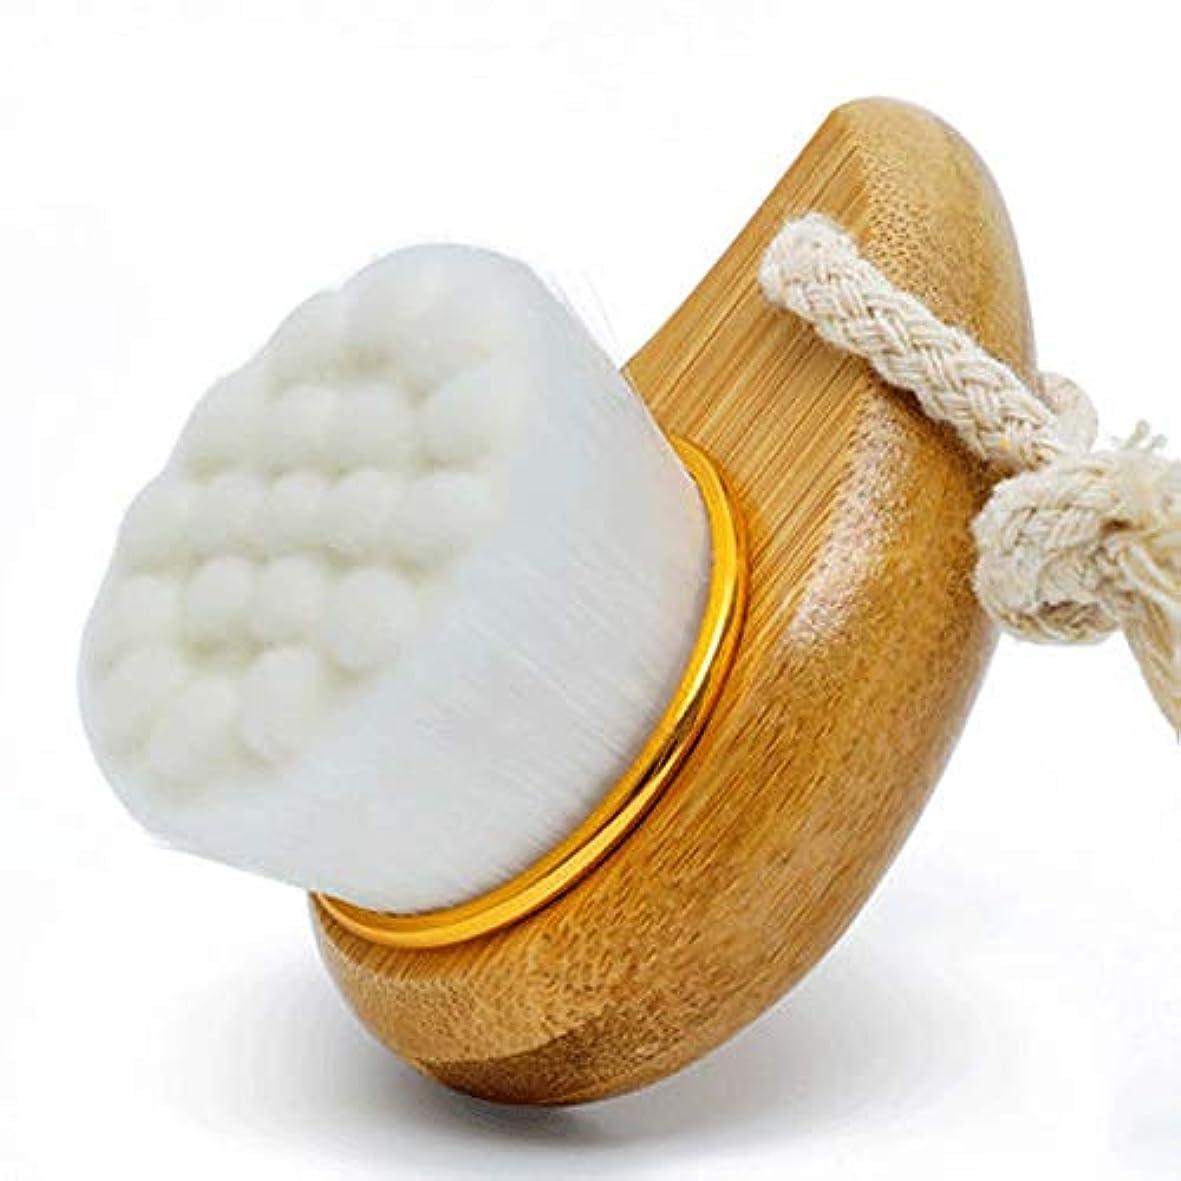 圧縮登録するインキュバスHEHUIHUI- クレンジングブラシ、防水ディープクレンジングポア、電気剥離、にきび、アンチエイジングクレンジングブラシ(ホワイト) (Color : White)